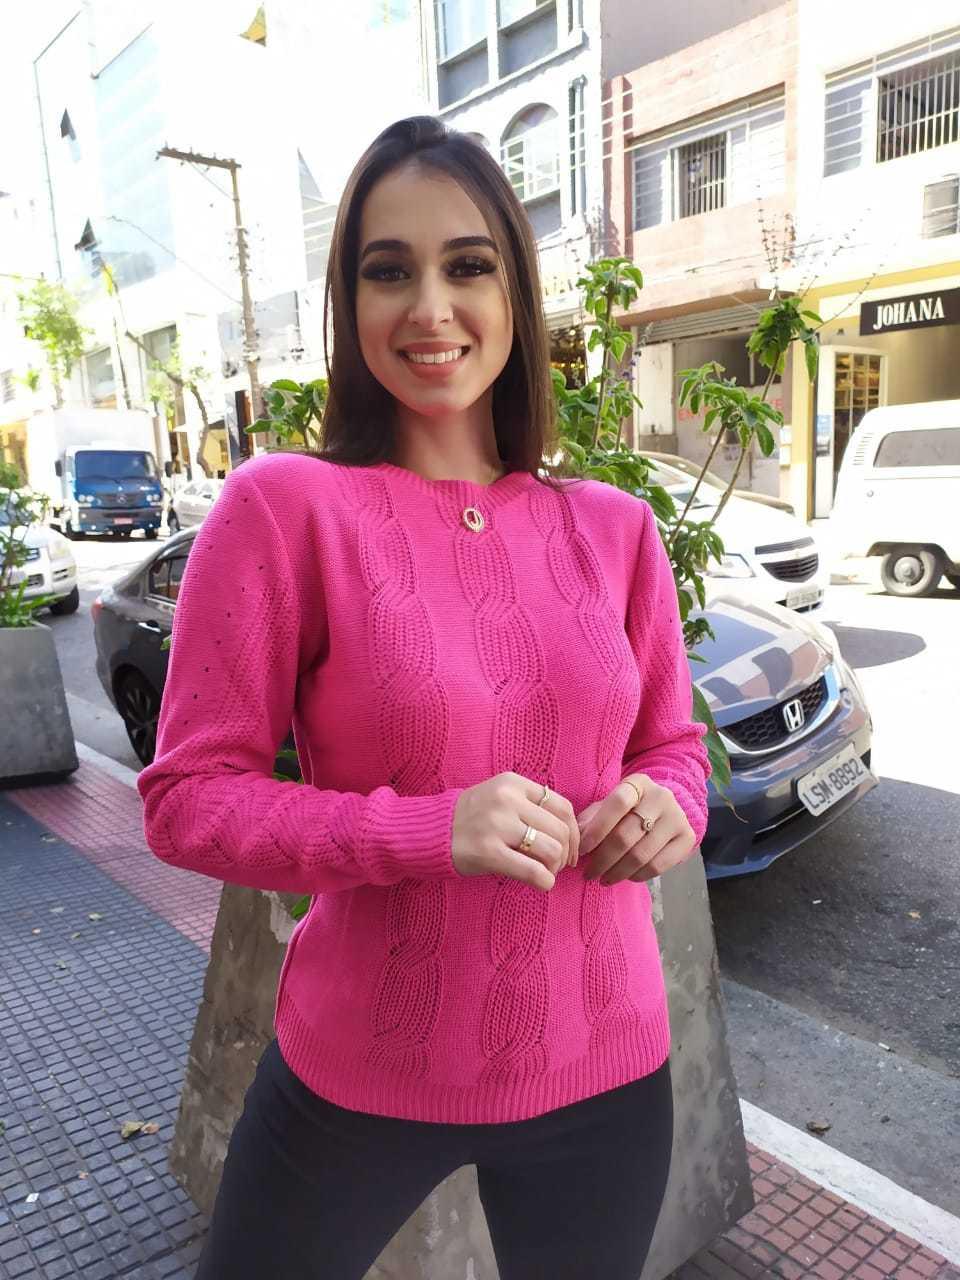 Blusa tricot trançada com detalhe gola costa - 1209